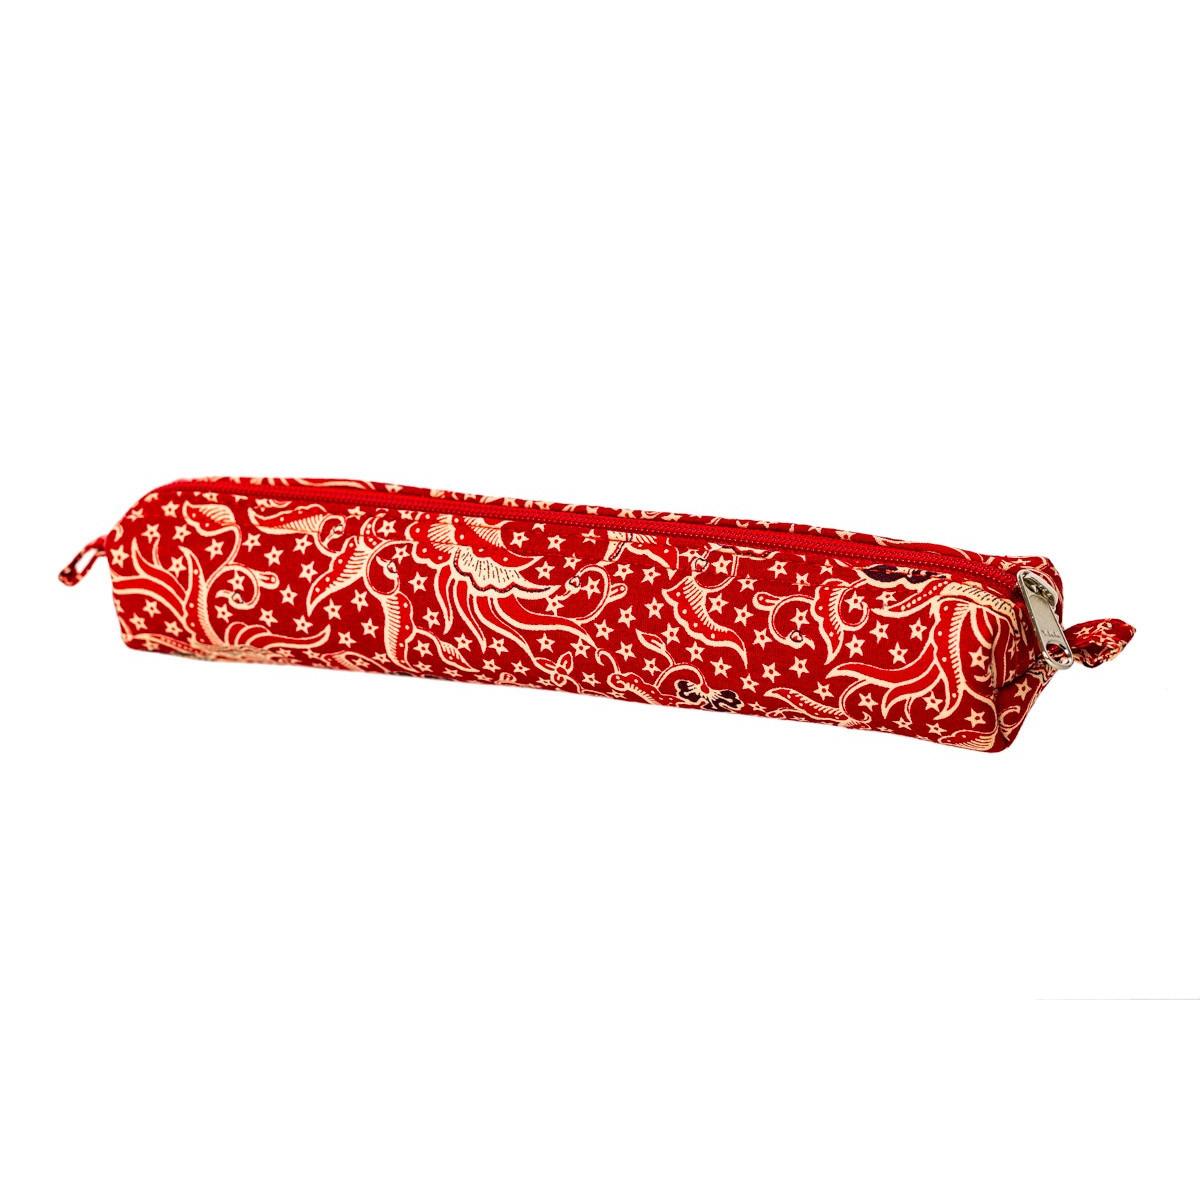 Petite trousse tissu original Nao rouge